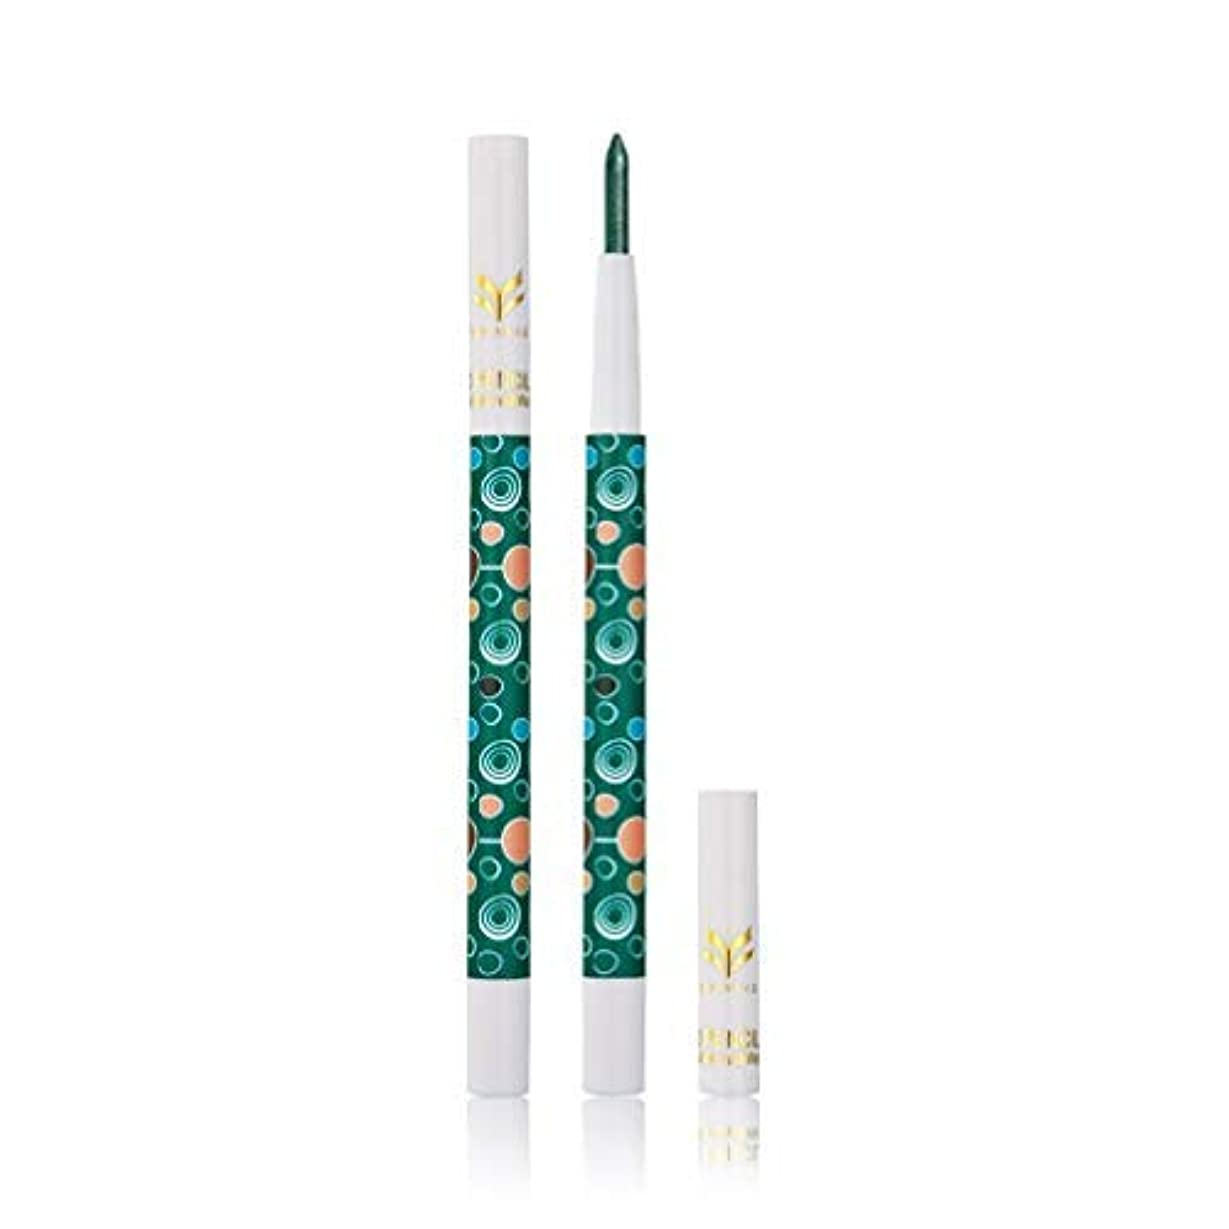 クリア批判便益美容化粧品ツールロータリーデザイン蛍光ペンアイシャドー鉛筆化粧品のグリッターアイシャドウアイライナーペン